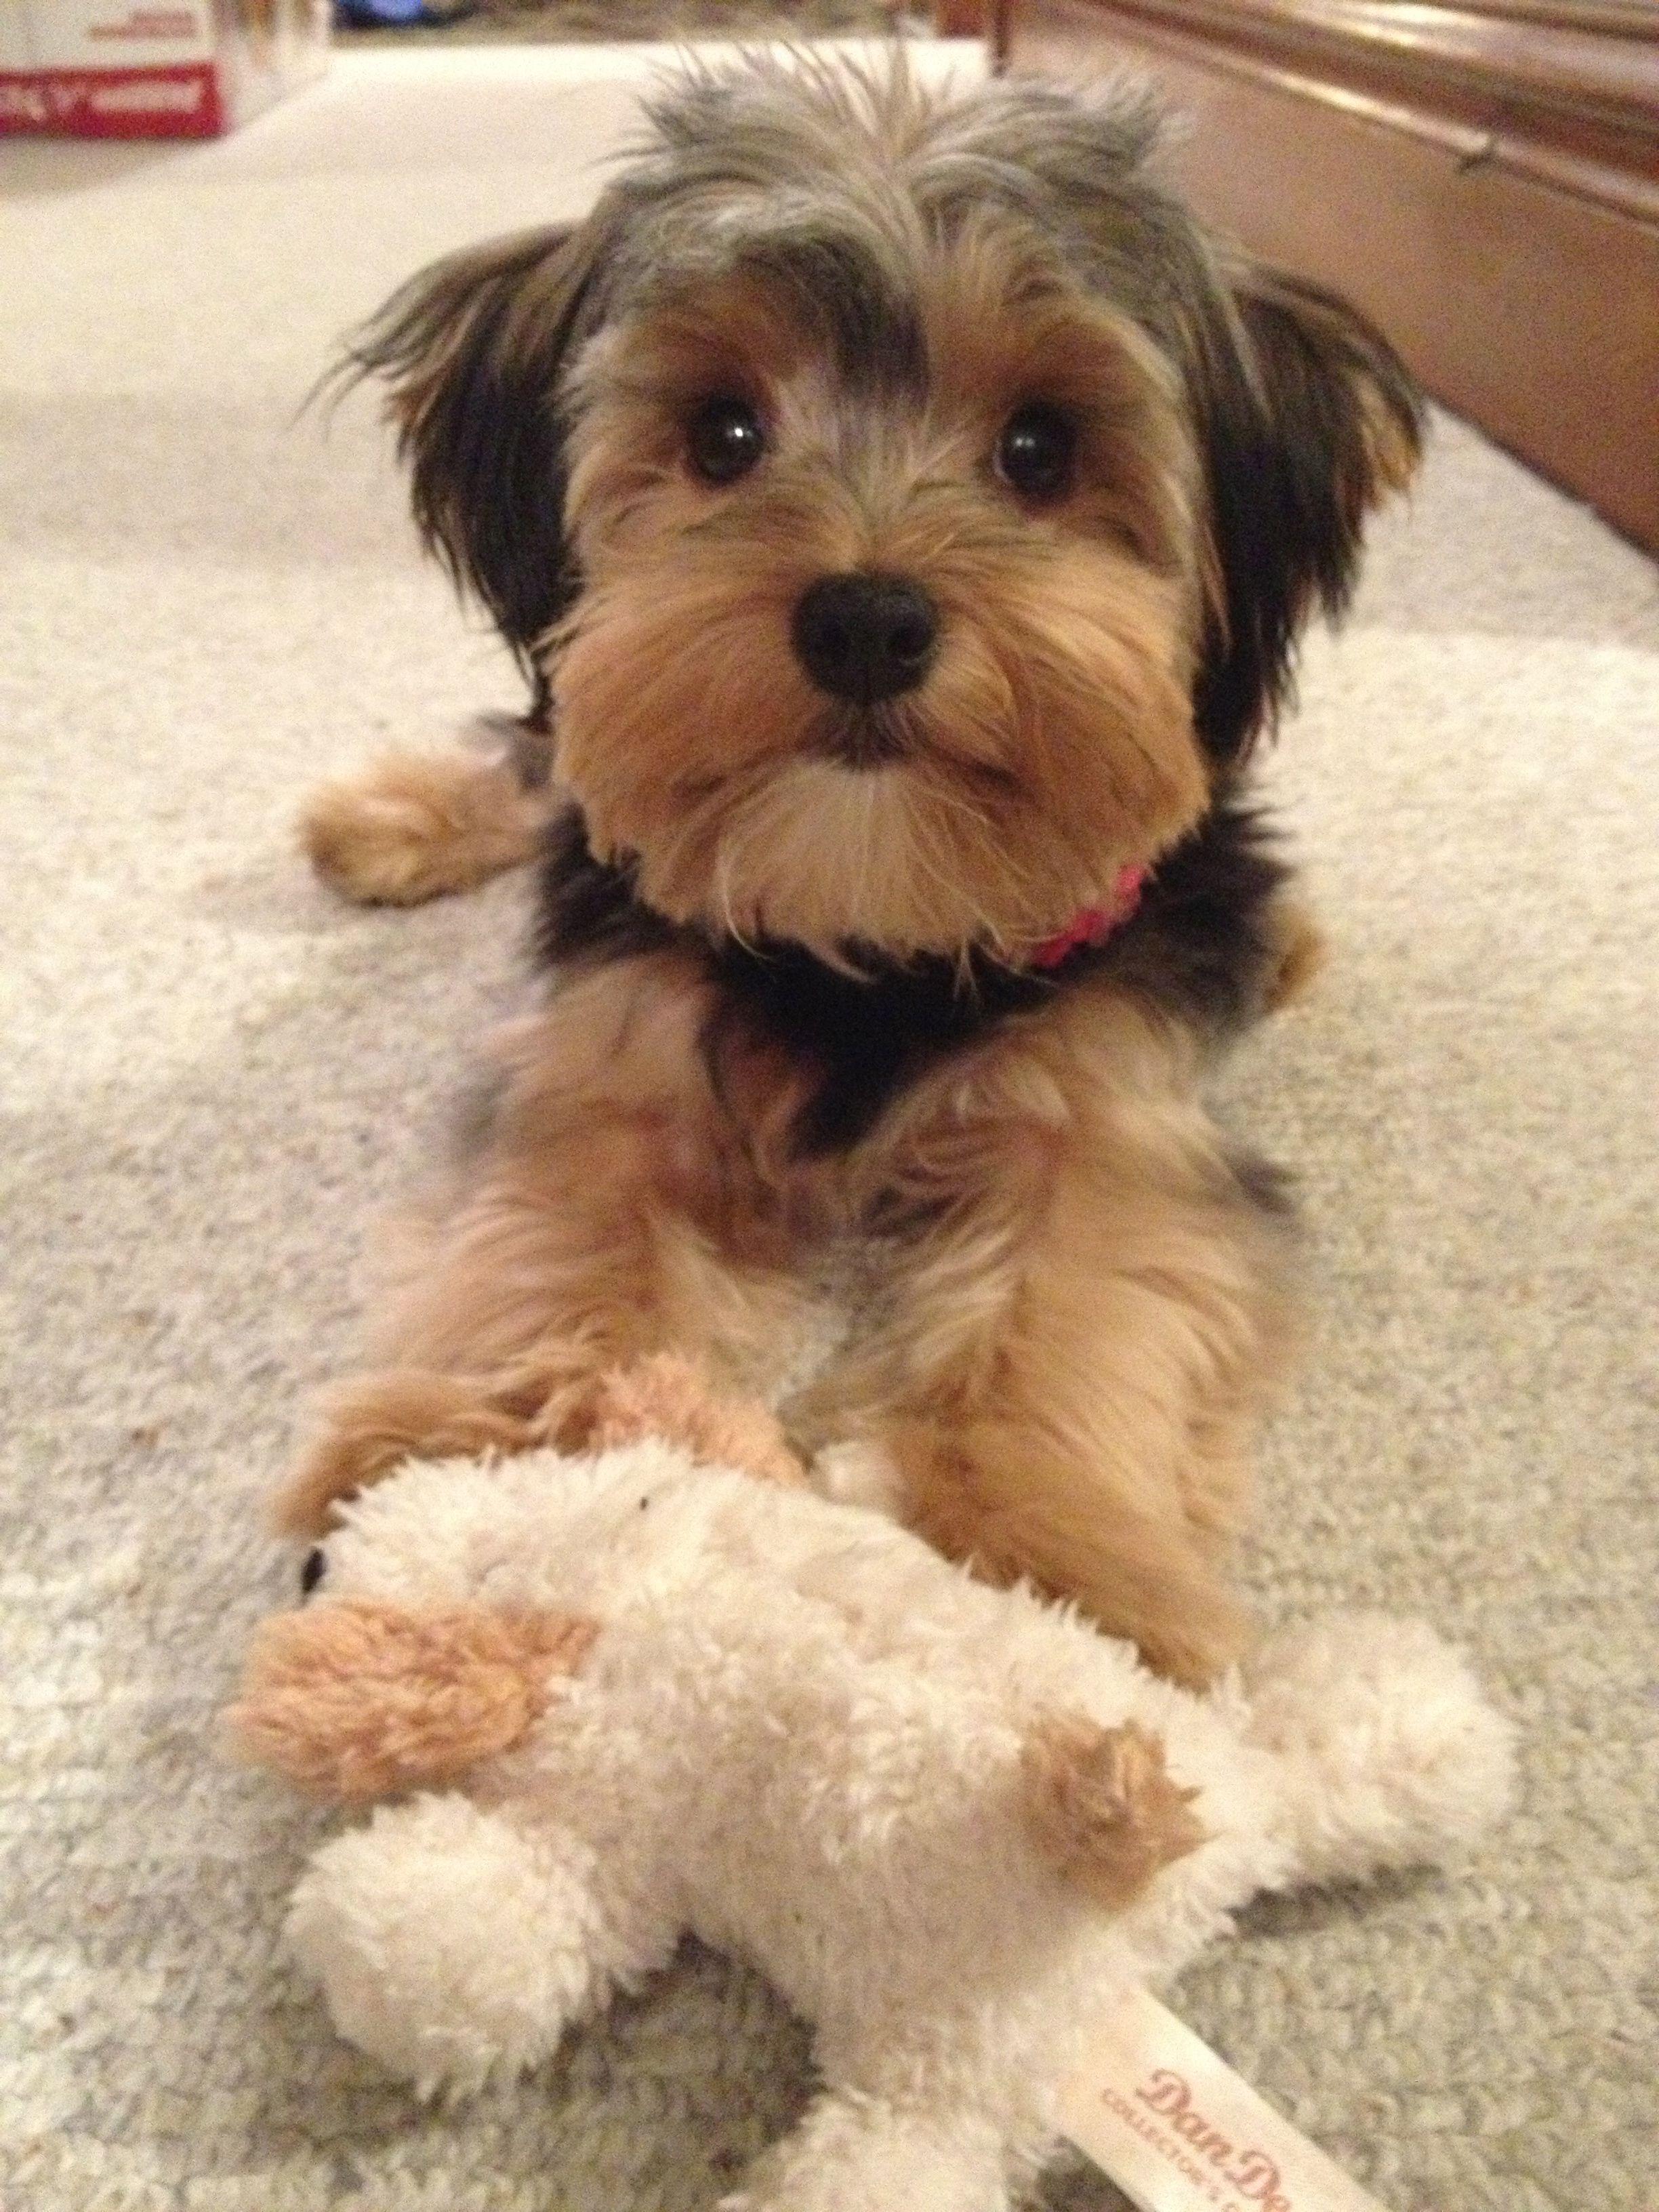 Precious little puppy morkie morkieruby Morkie puppies